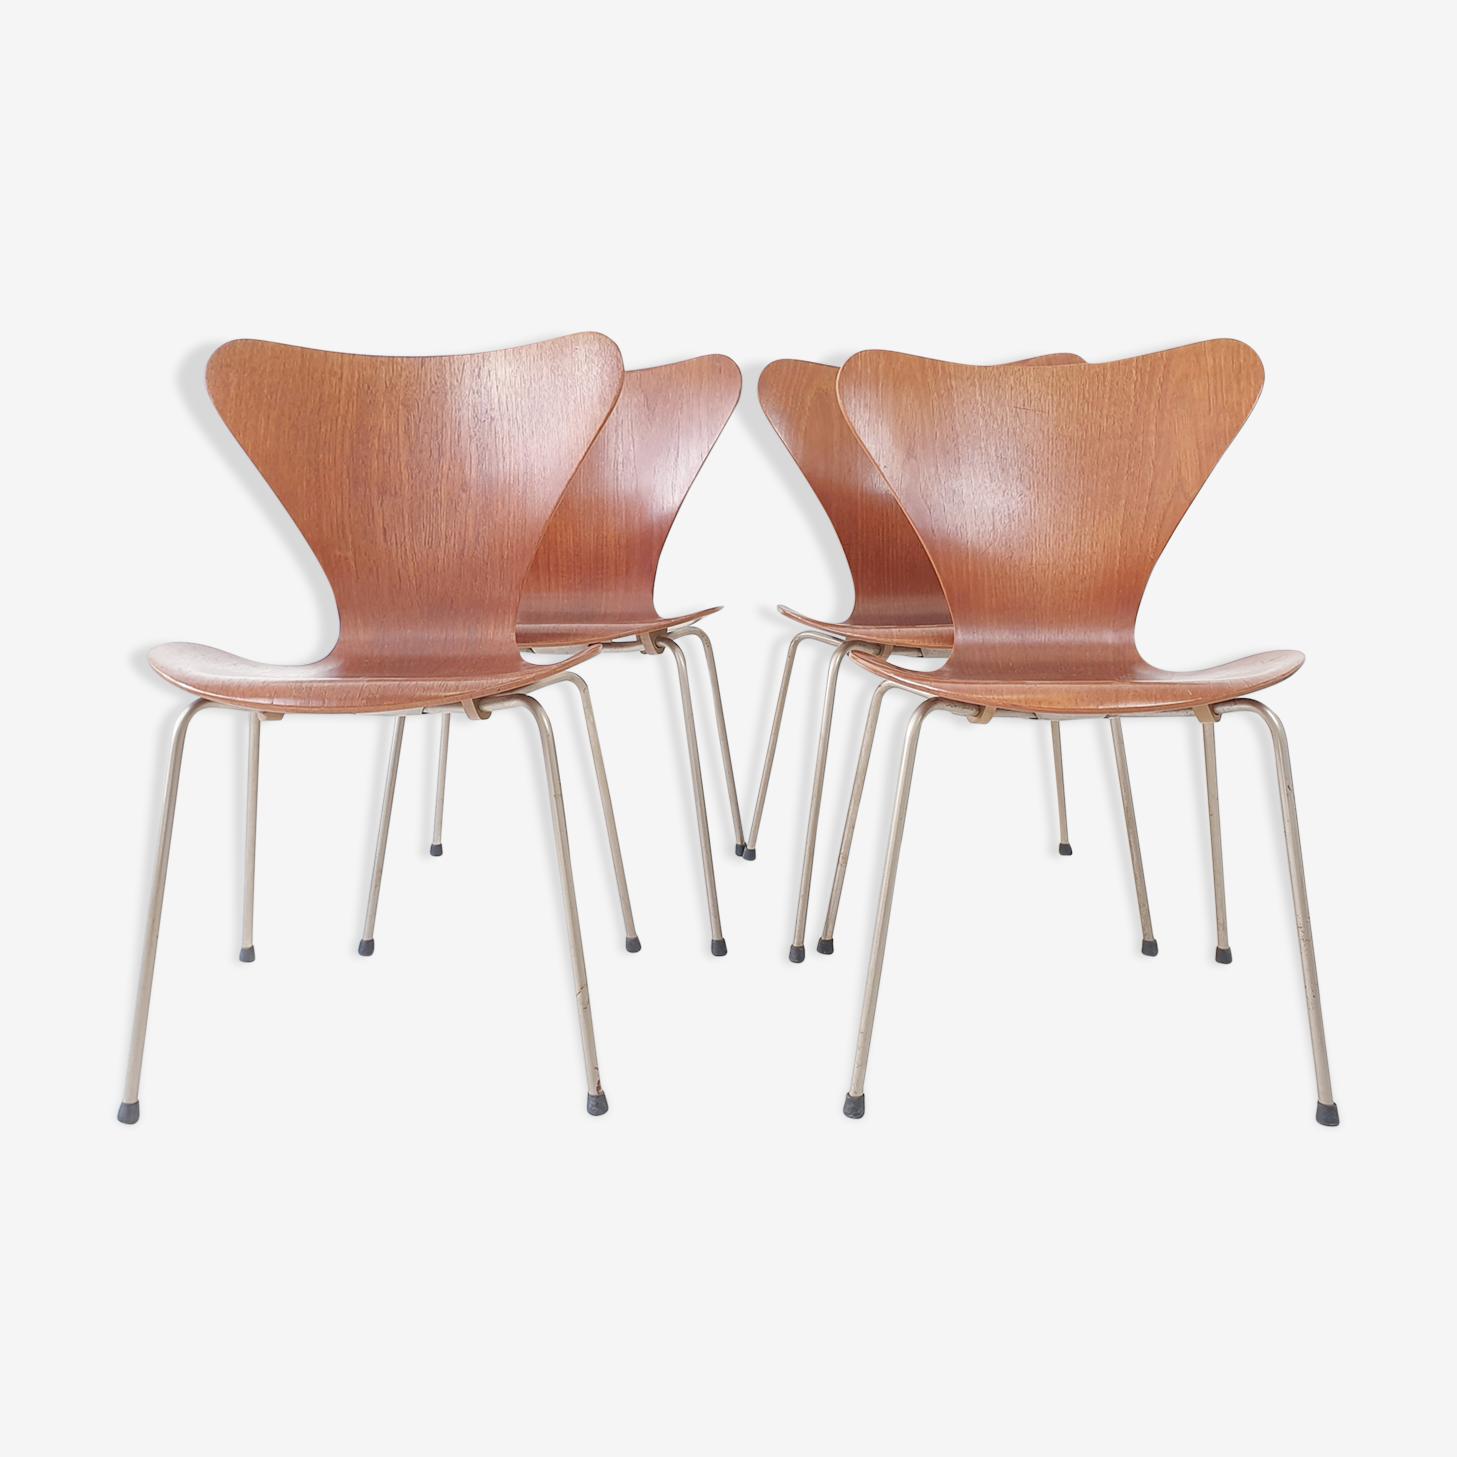 Ensemble de 4 chaises Series 7 3107 en teck par Arne Jacobsen